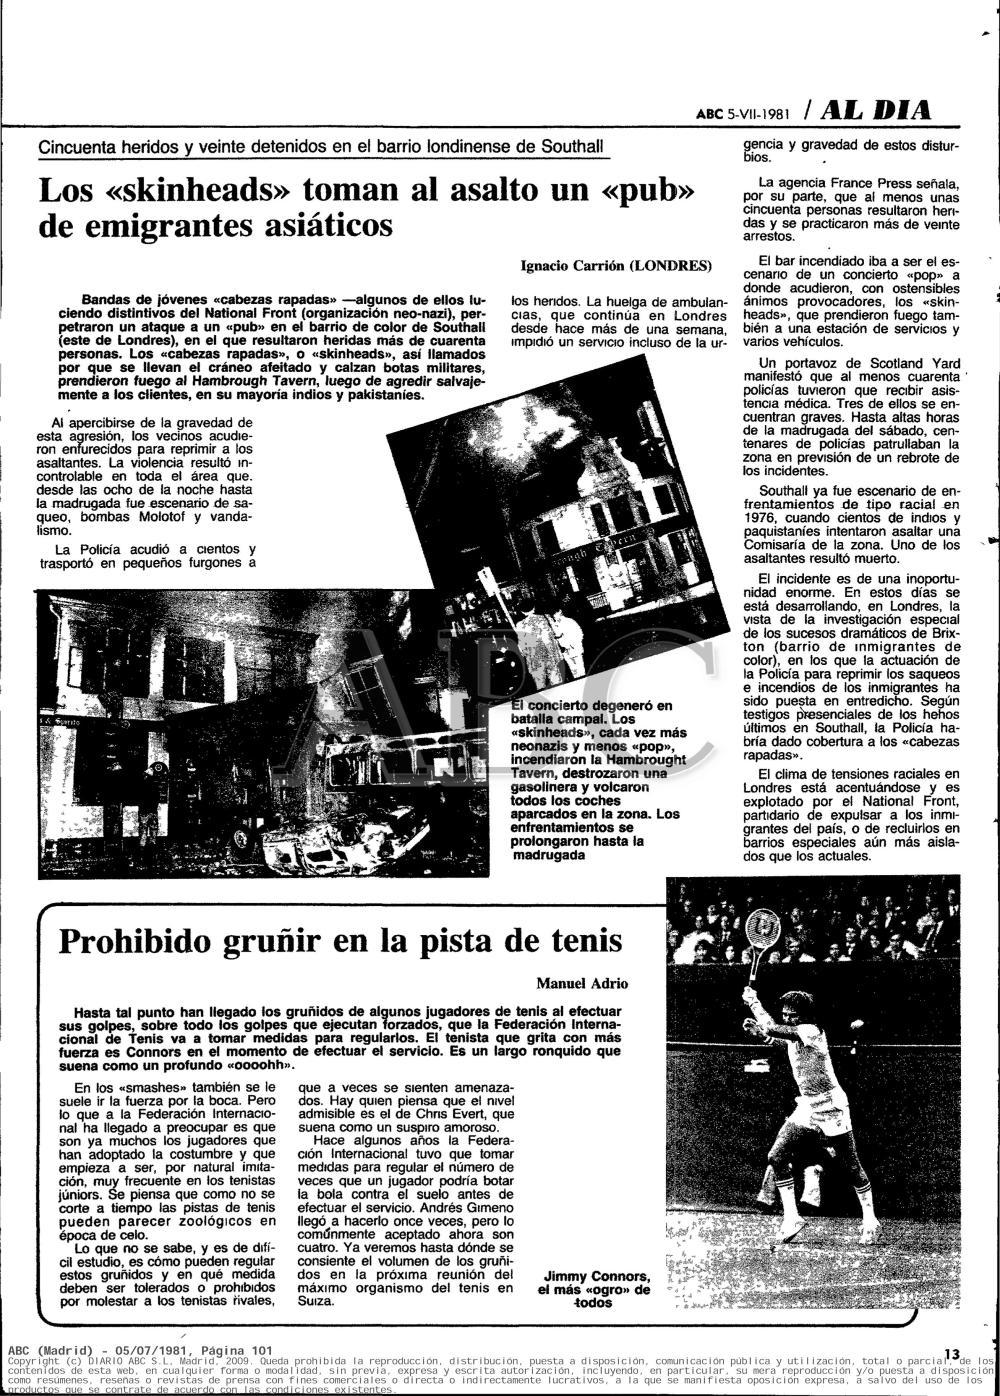 Información sobre los sucesos de Southall en 1981 publicada por ABC el 5 de julio de 1981